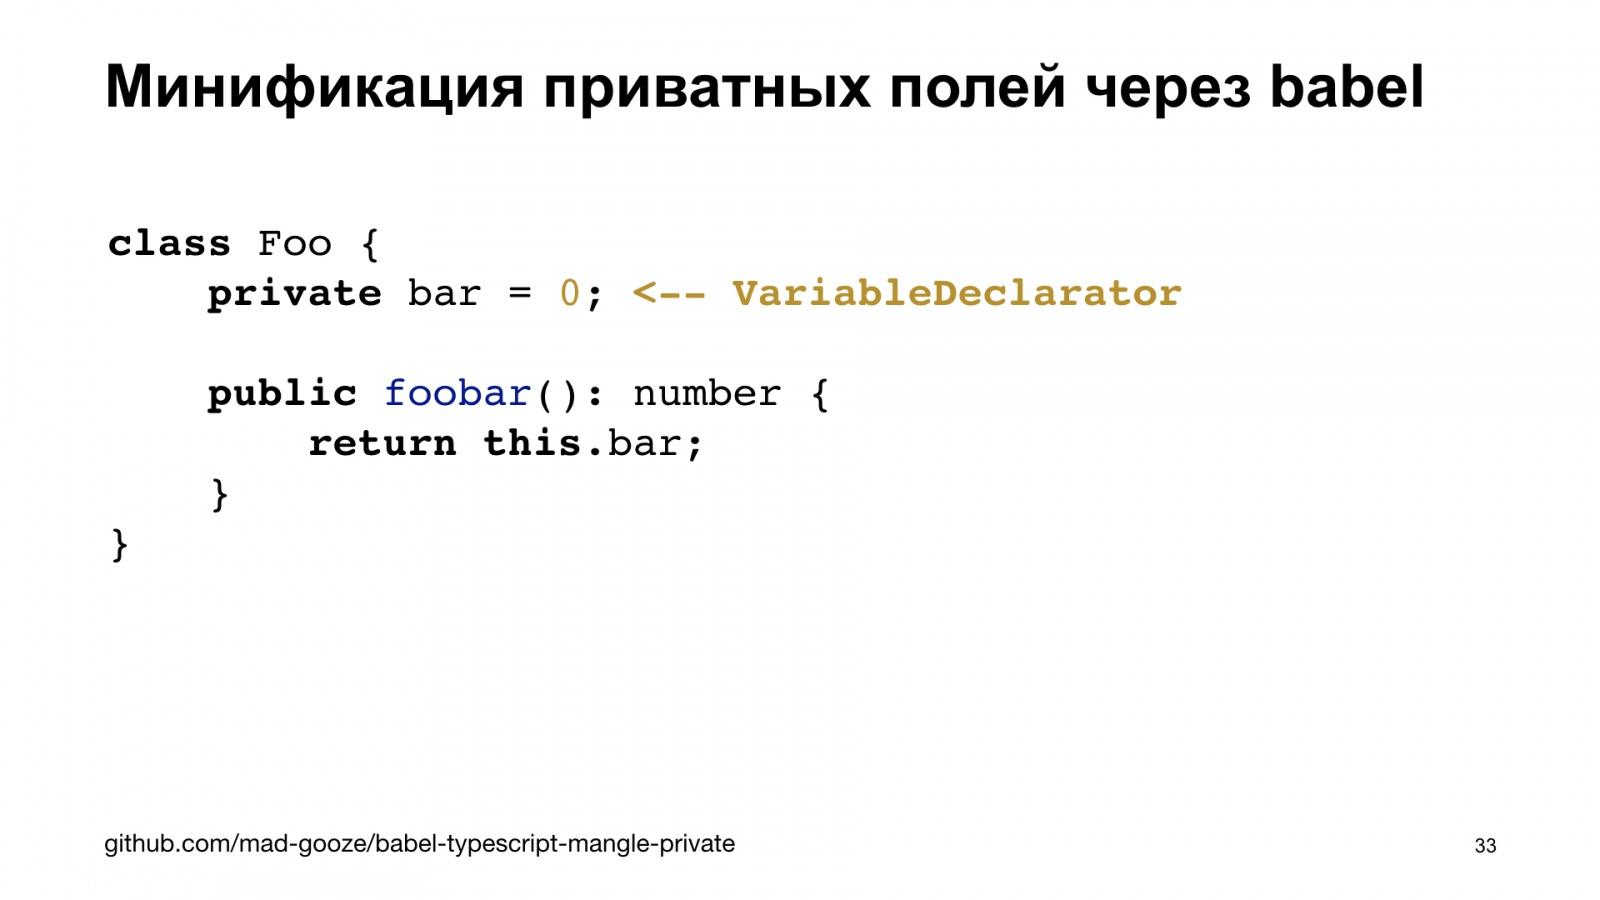 Минифицируем приватные поля в TypeScript. Доклад Яндекса - 33